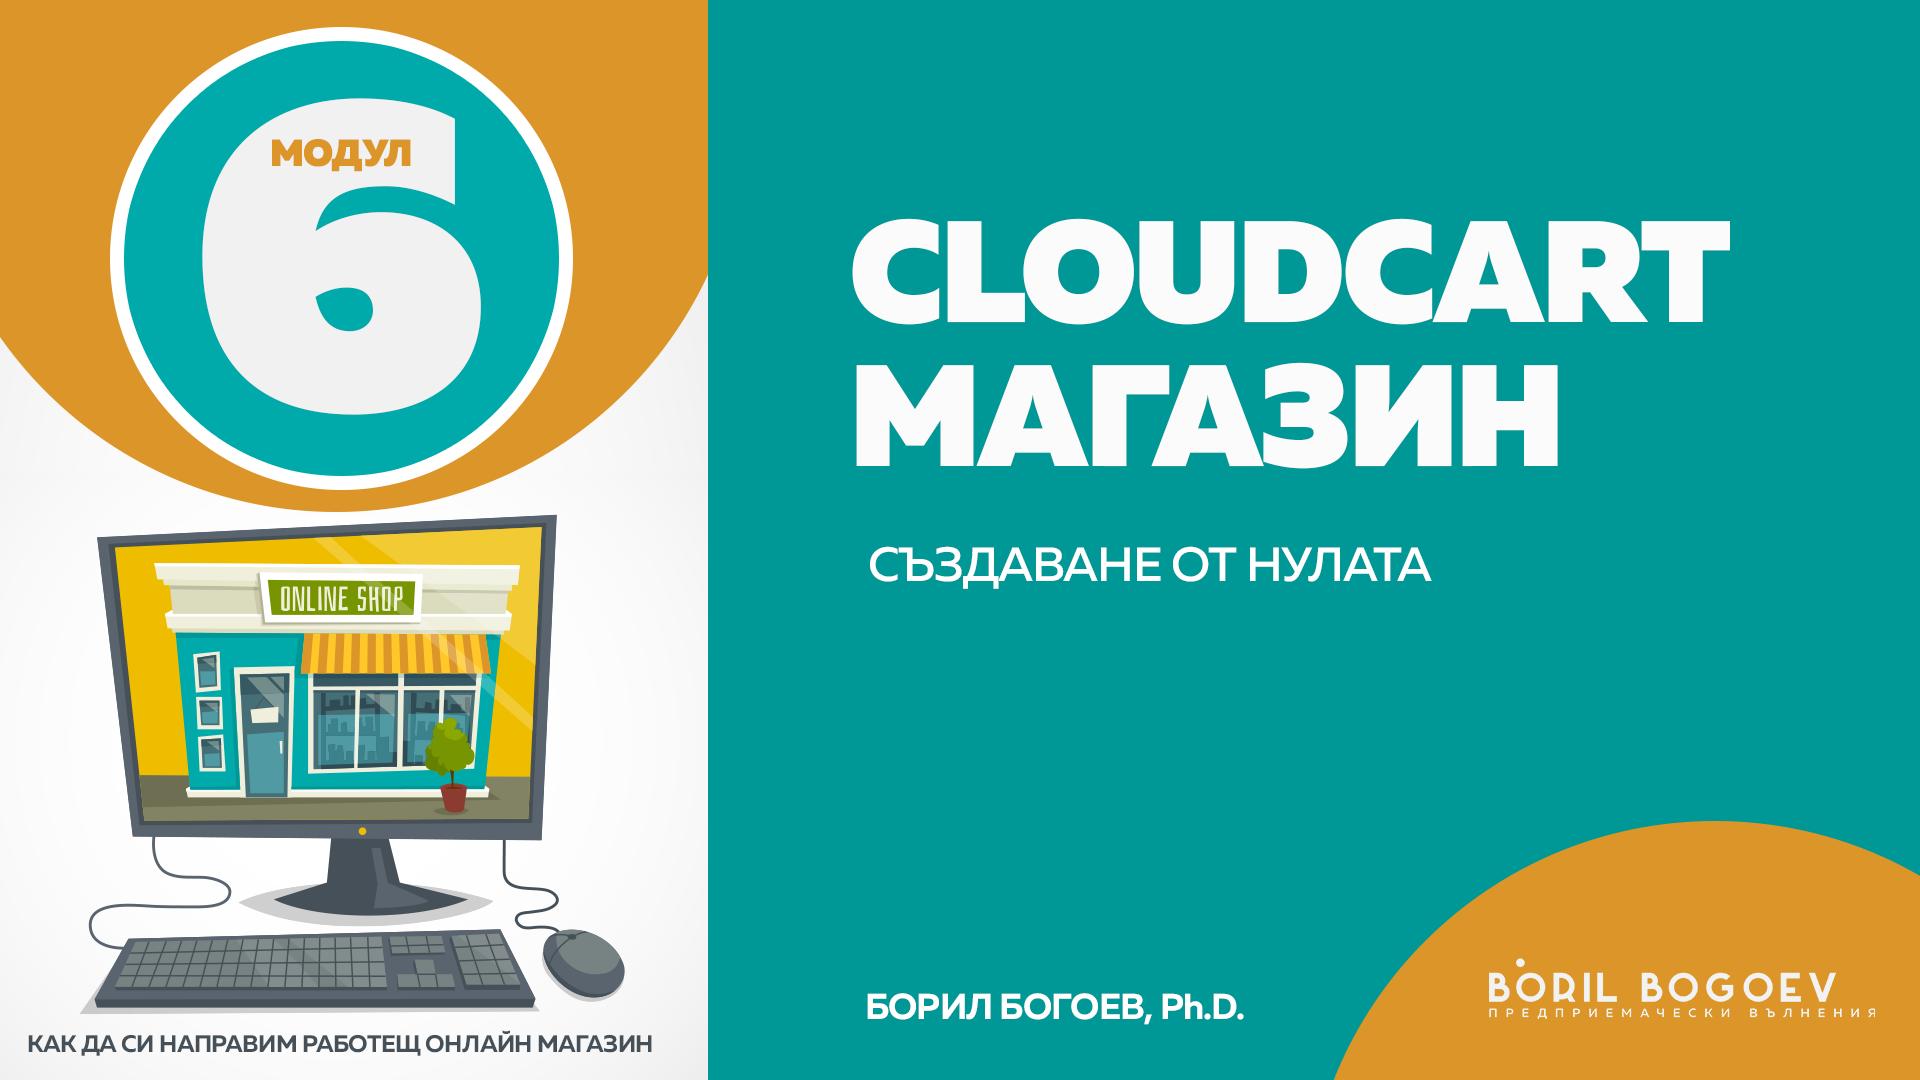 hmwes-m6-cloudcart